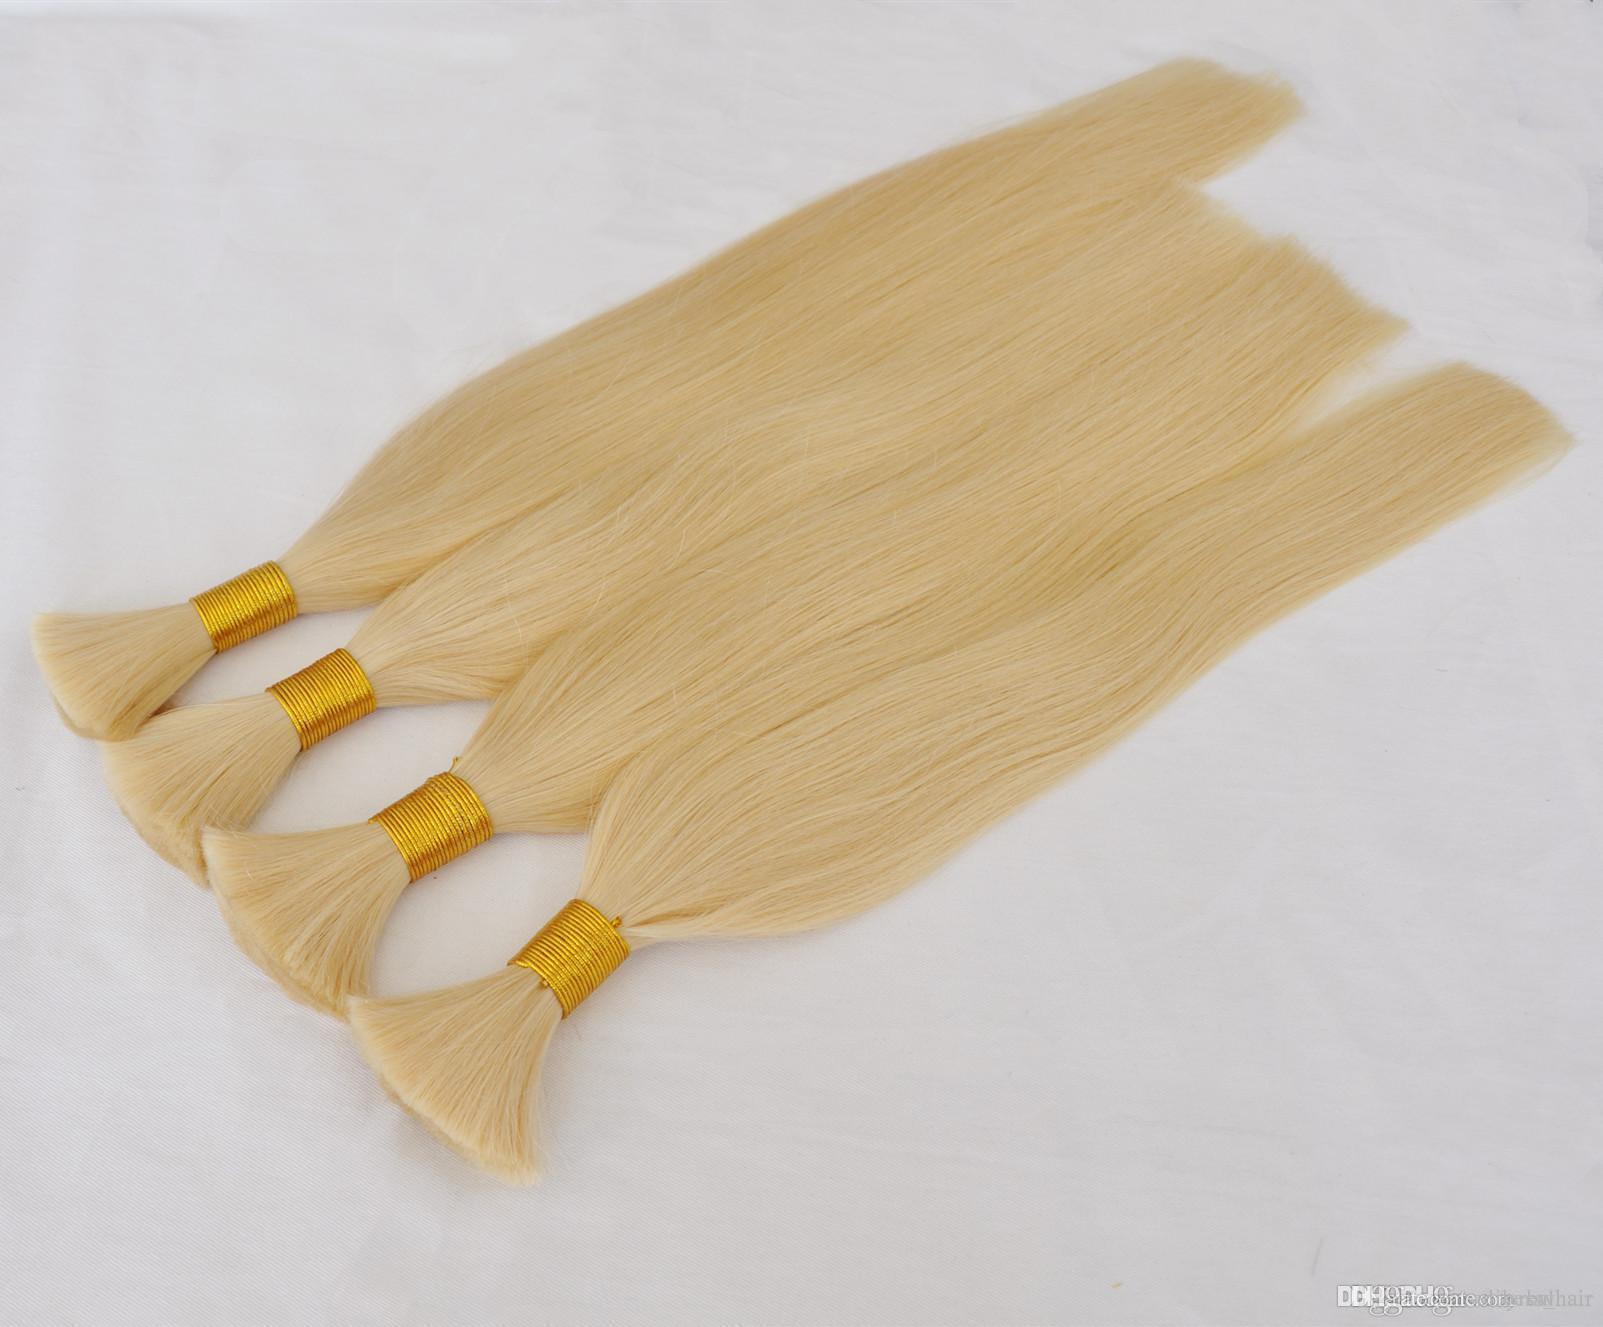 금발 컬러 613 # 브라질 꼬기 대량 털도 주문 3Lot 받기 1PCS 무료 스트레이트 웨이브 인간의 머리 대량 머리 없음 씨실 100g 부지